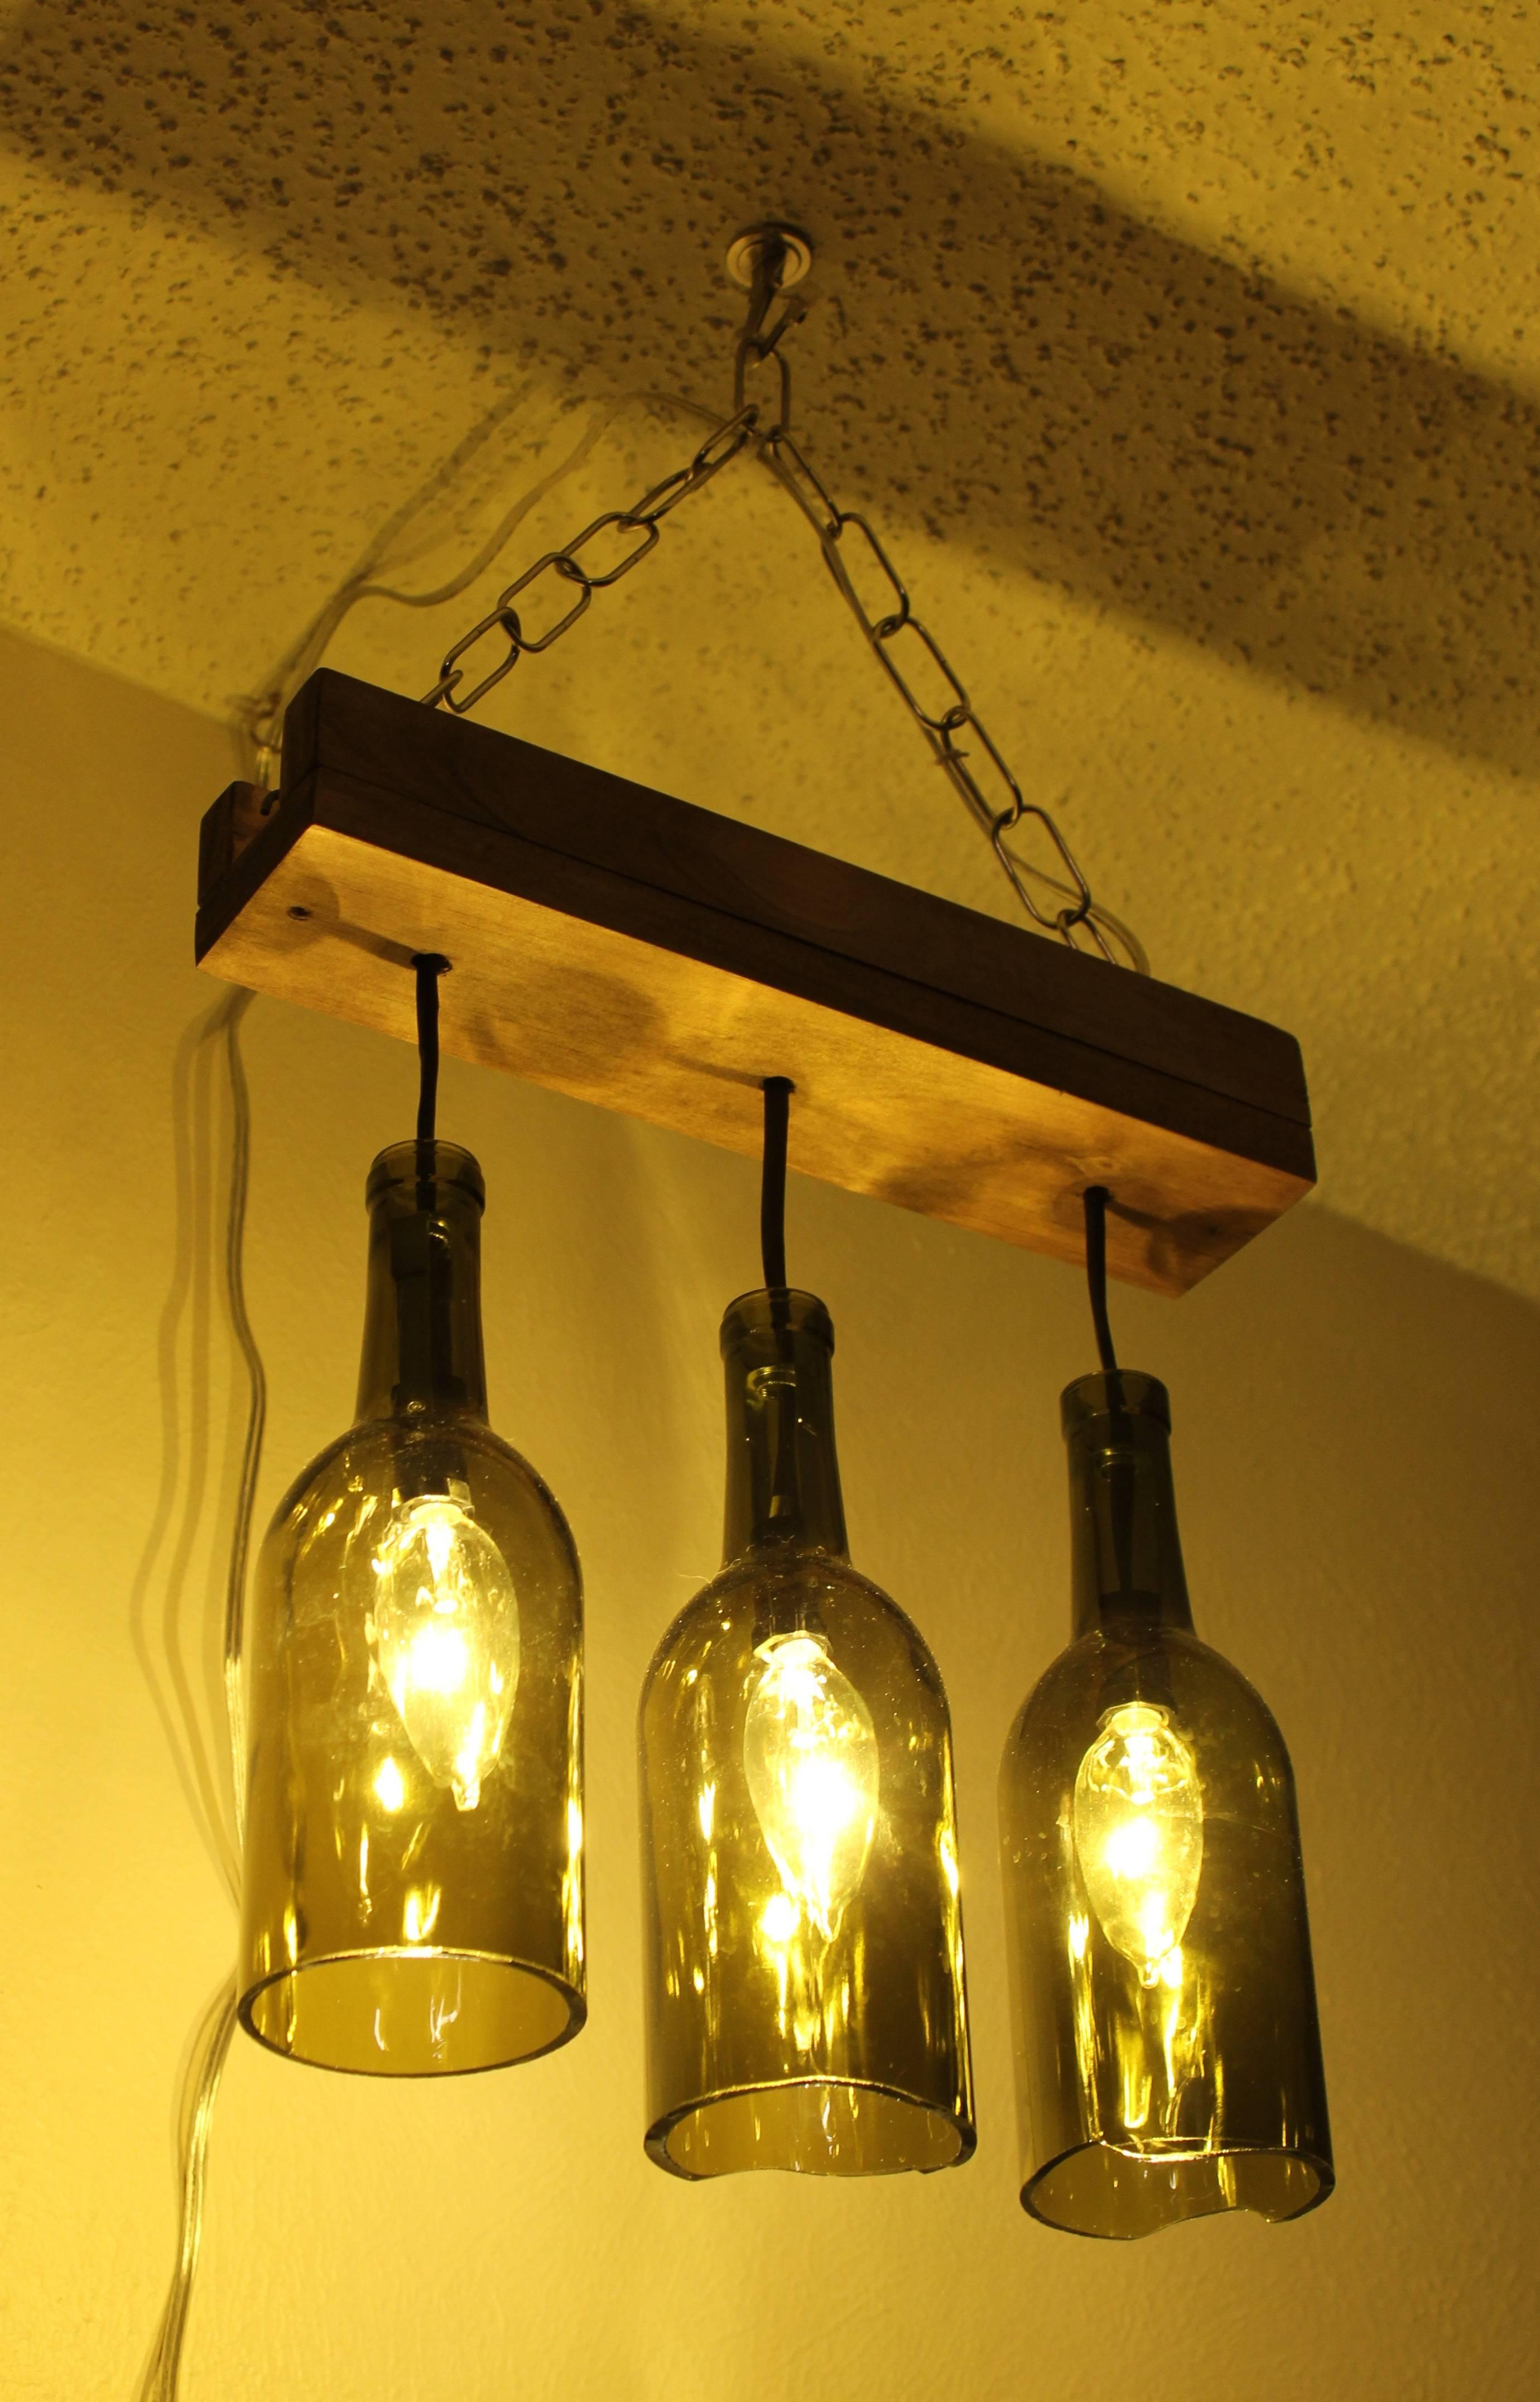 Marvelous Wine Bottle Pendant Light Kit 61 On Trends Design Home inside Wine Bottle Pendants (Image 4 of 15)